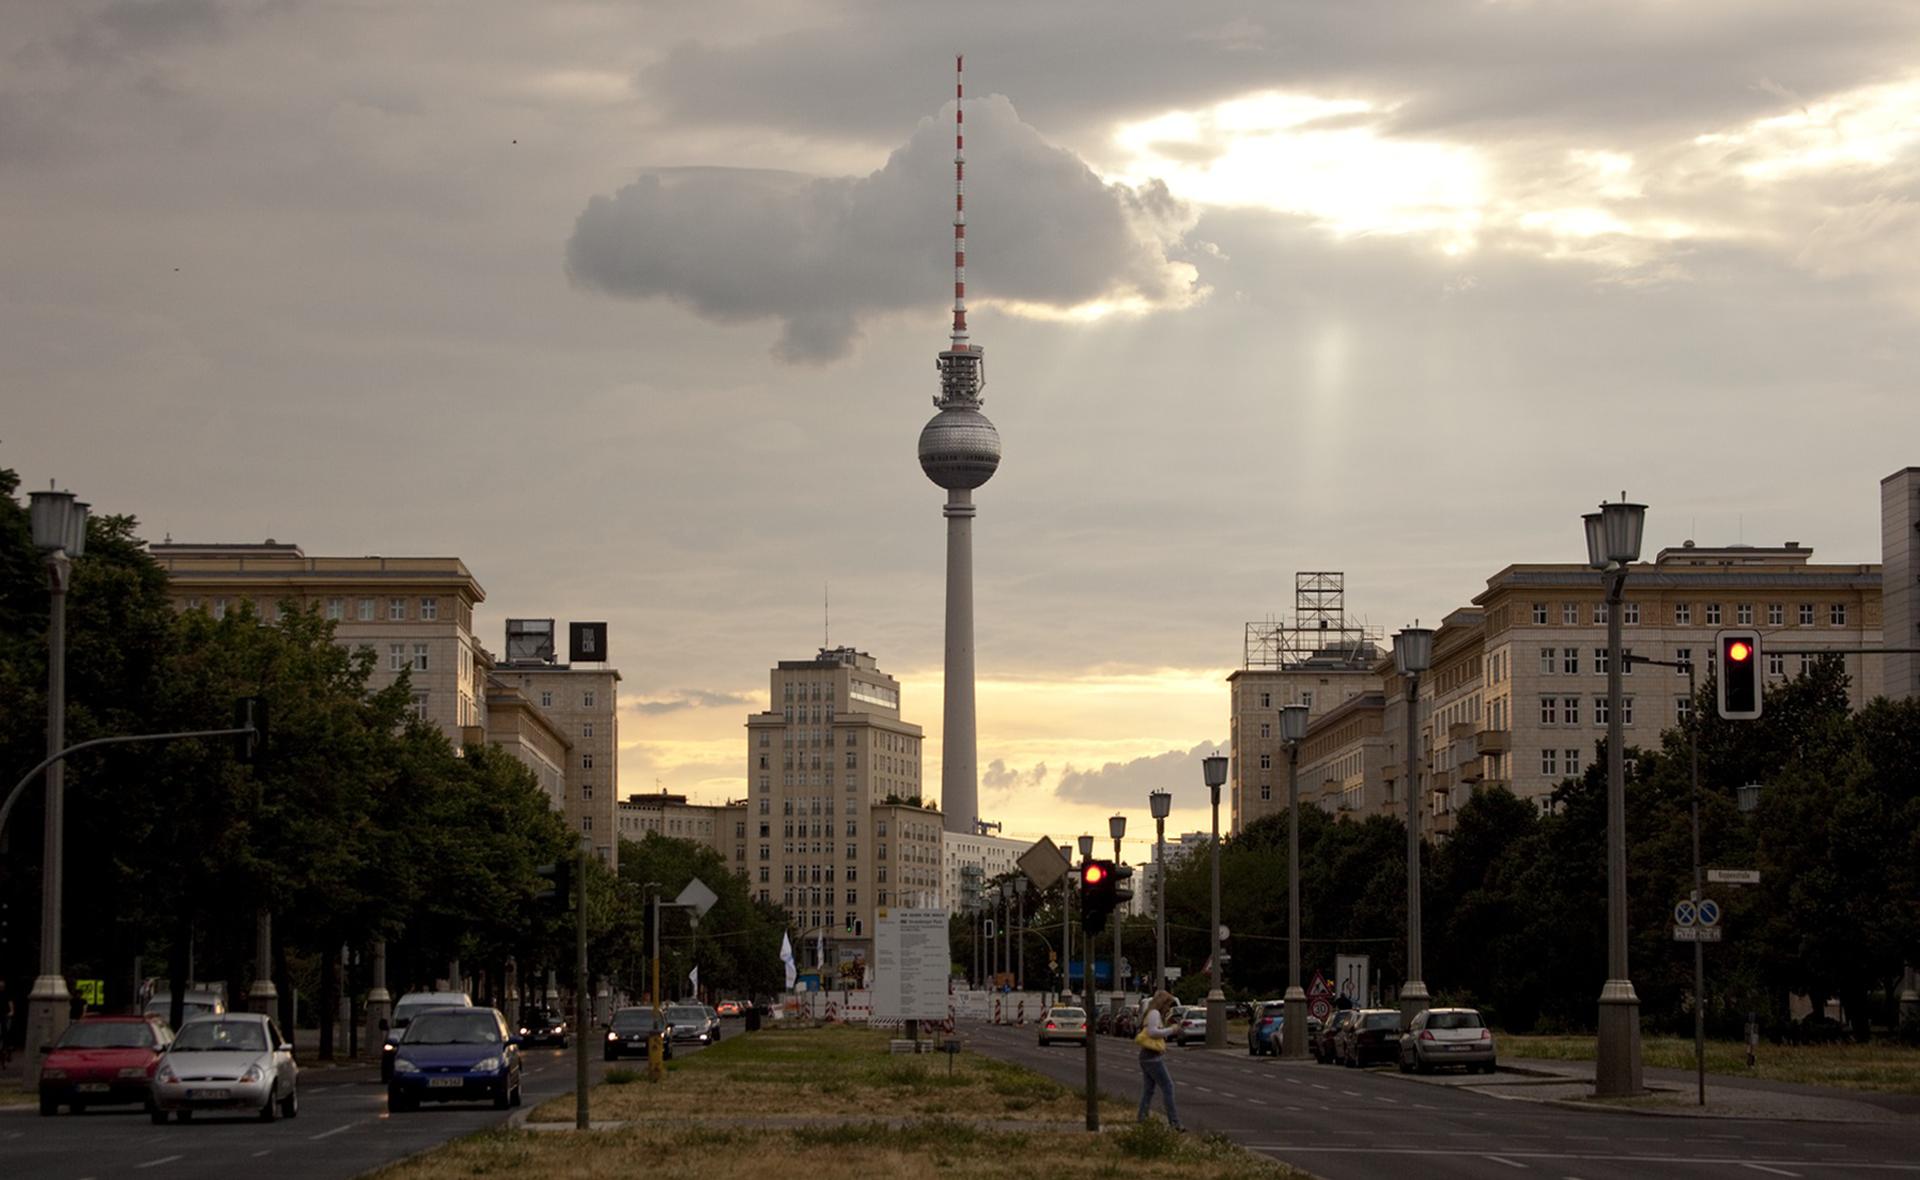 Die Temperaturen sind im Keller und die Wolken hängen tief. Rausgehen lohnt sich aber trotzdem - und zwar nicht nur, um die großartige Kunst in Berlins Museen zu bestaunen. Hier kommen 11 Hotspots für kalte Tage und warme Stunden in Berlin.   1. Hotspots an der Friedrichstraße Wie wäre es mit einem Bummel auf der Friedrichstraße? Hier kann man prima shoppen und Sightseeing machen, denn der ...